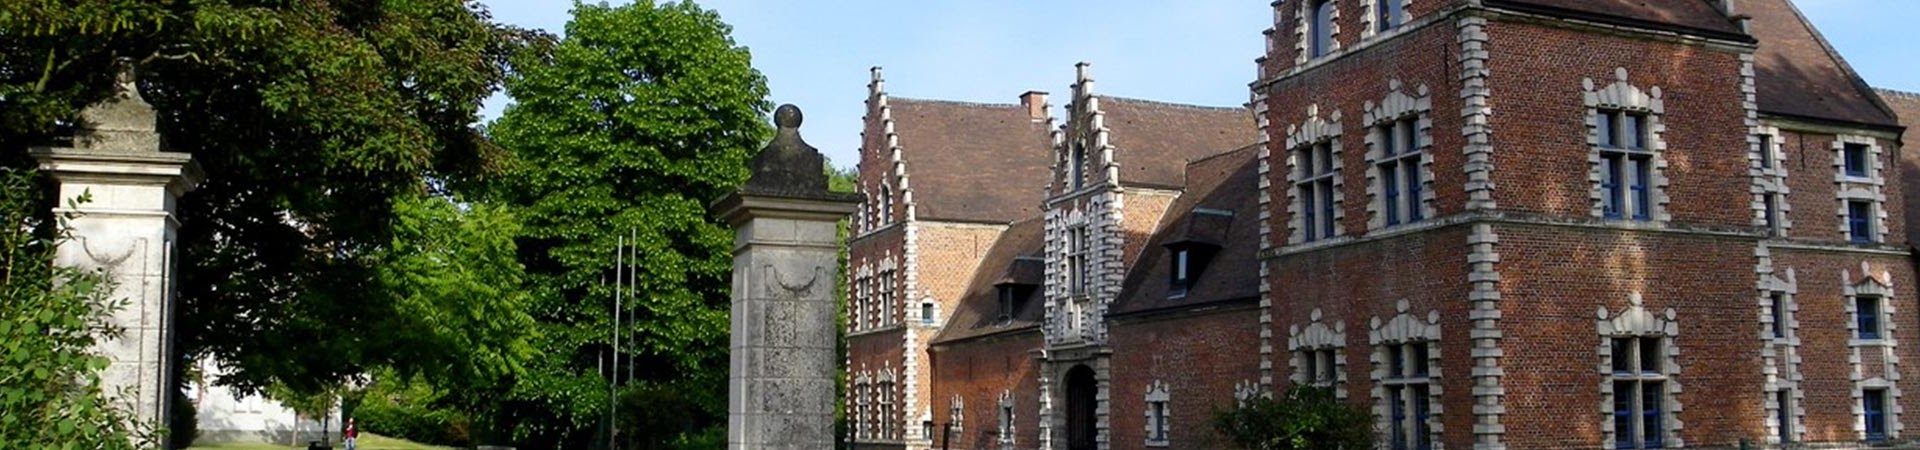 Immobilier Villeneuve-d'Ascq